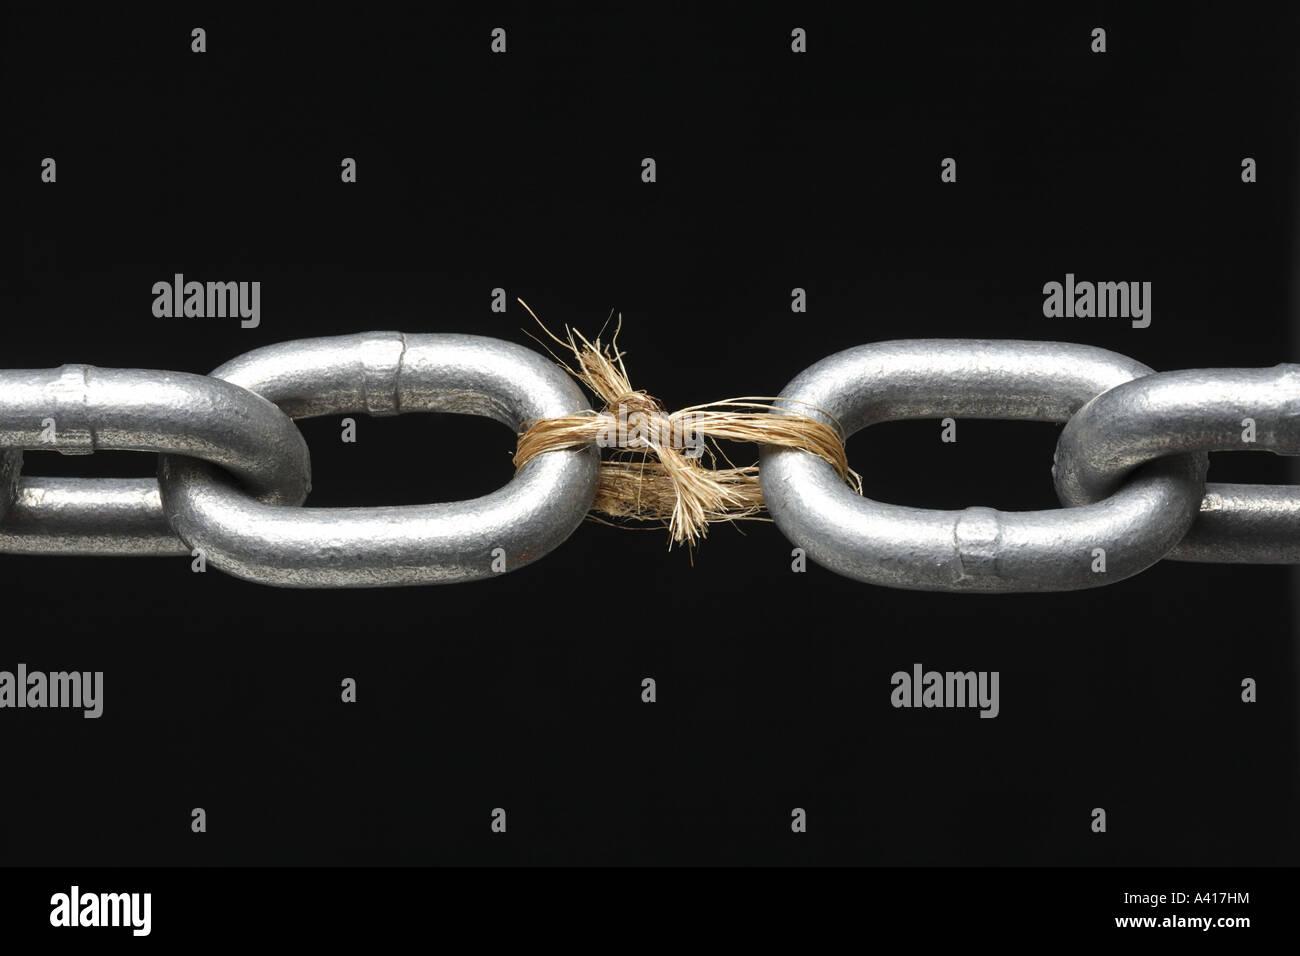 Eslabón más débil en la cadena Imagen De Stock